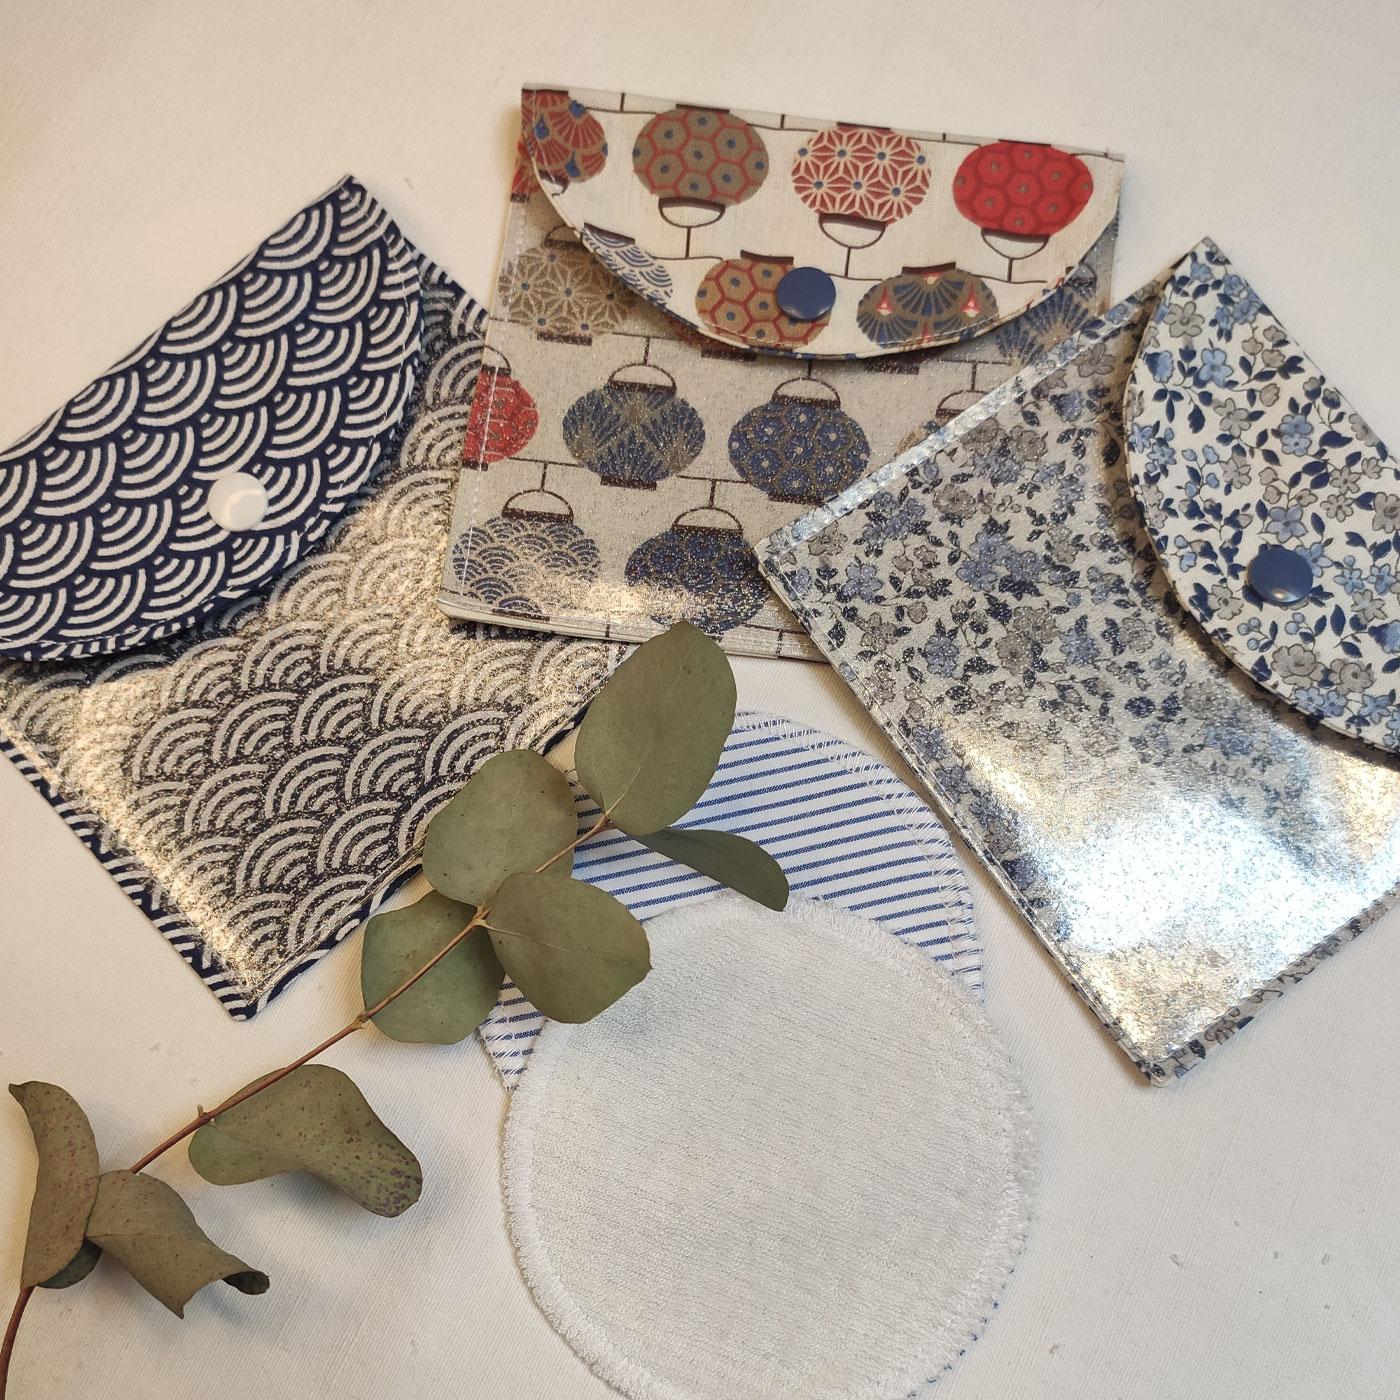 Les pochettes de voyage en coton pour lingettes par l'échoppe de Nine